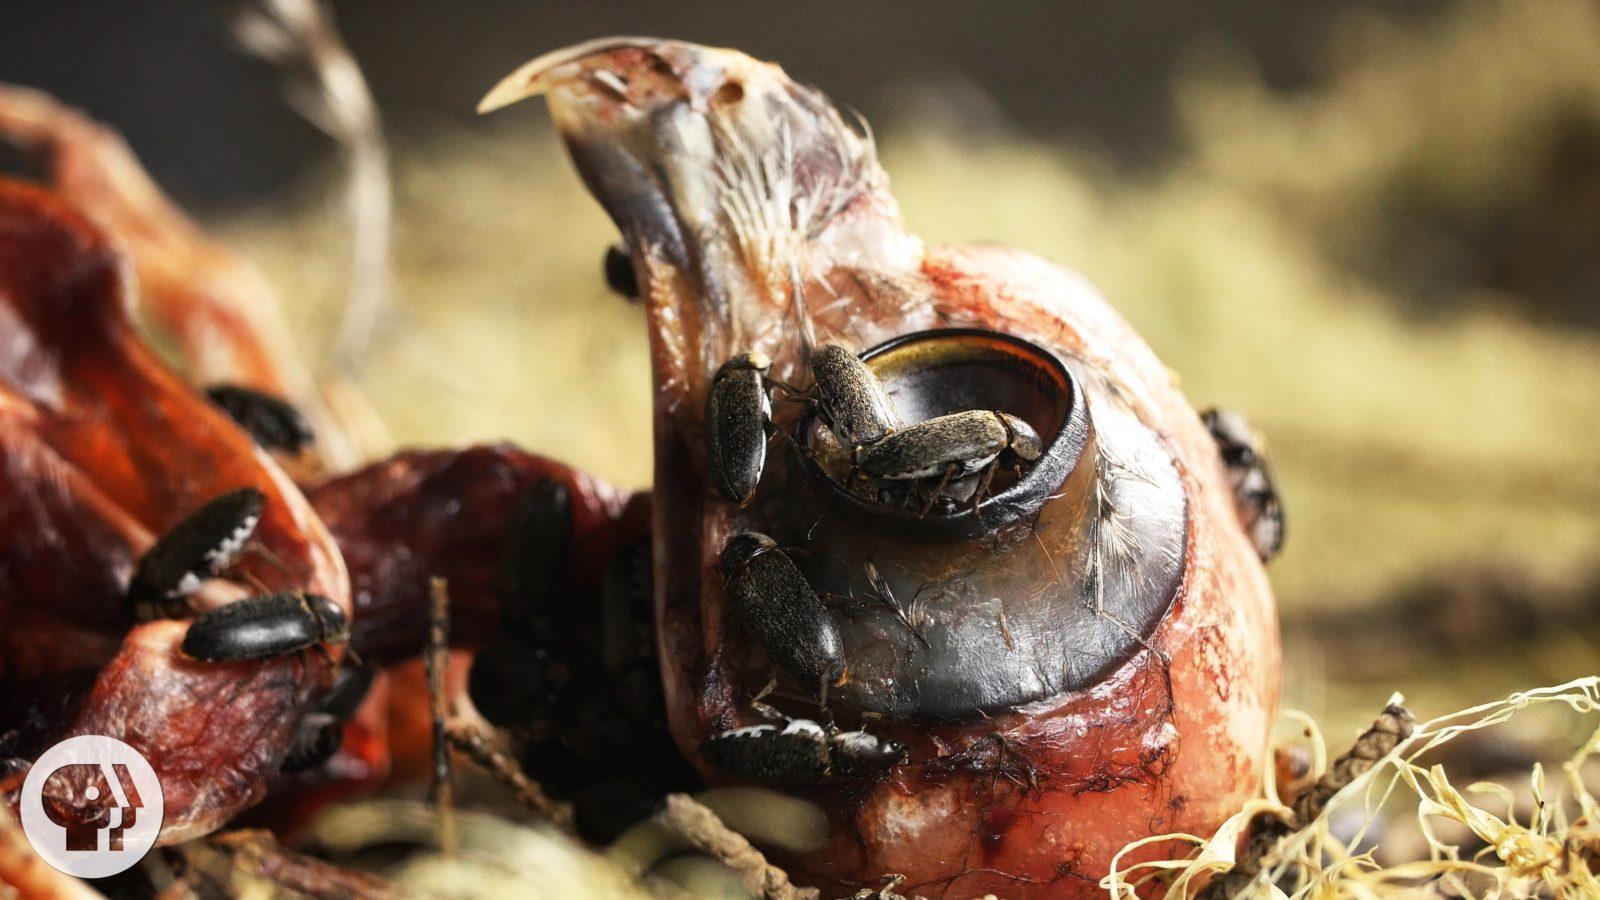 Dermestids beetles